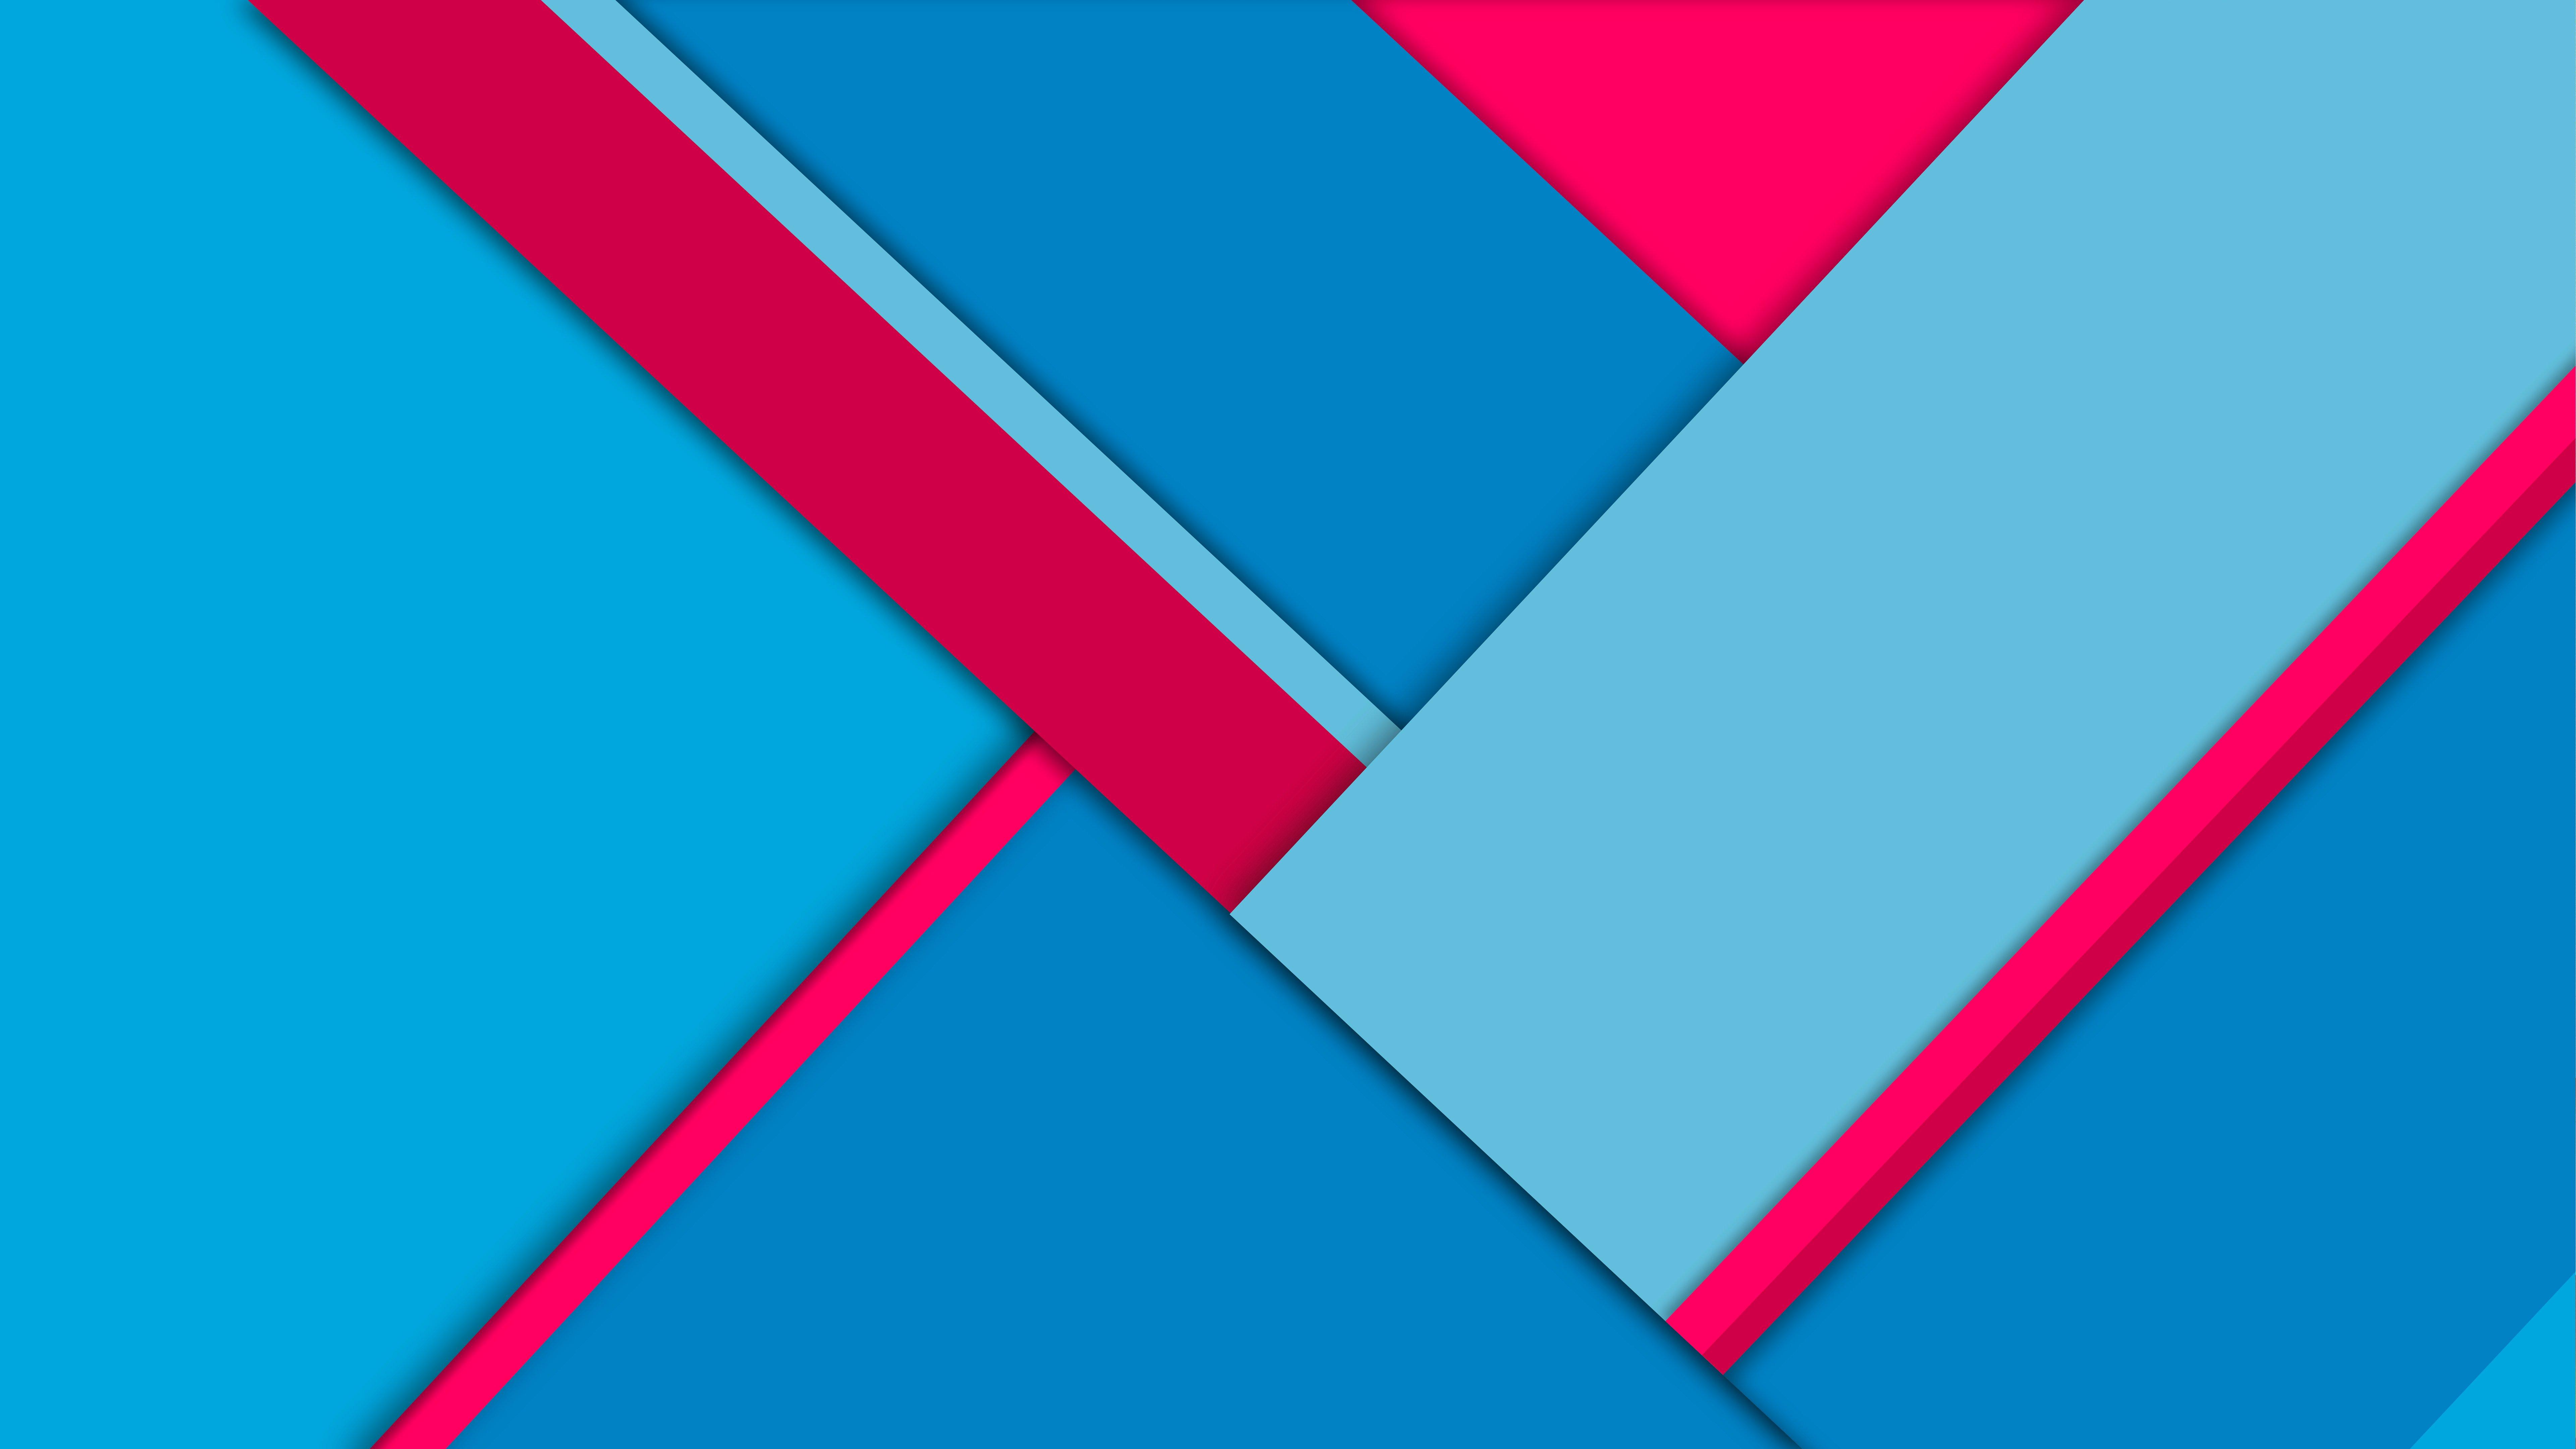 Fondos de pantalla Azul y rojo en bloques